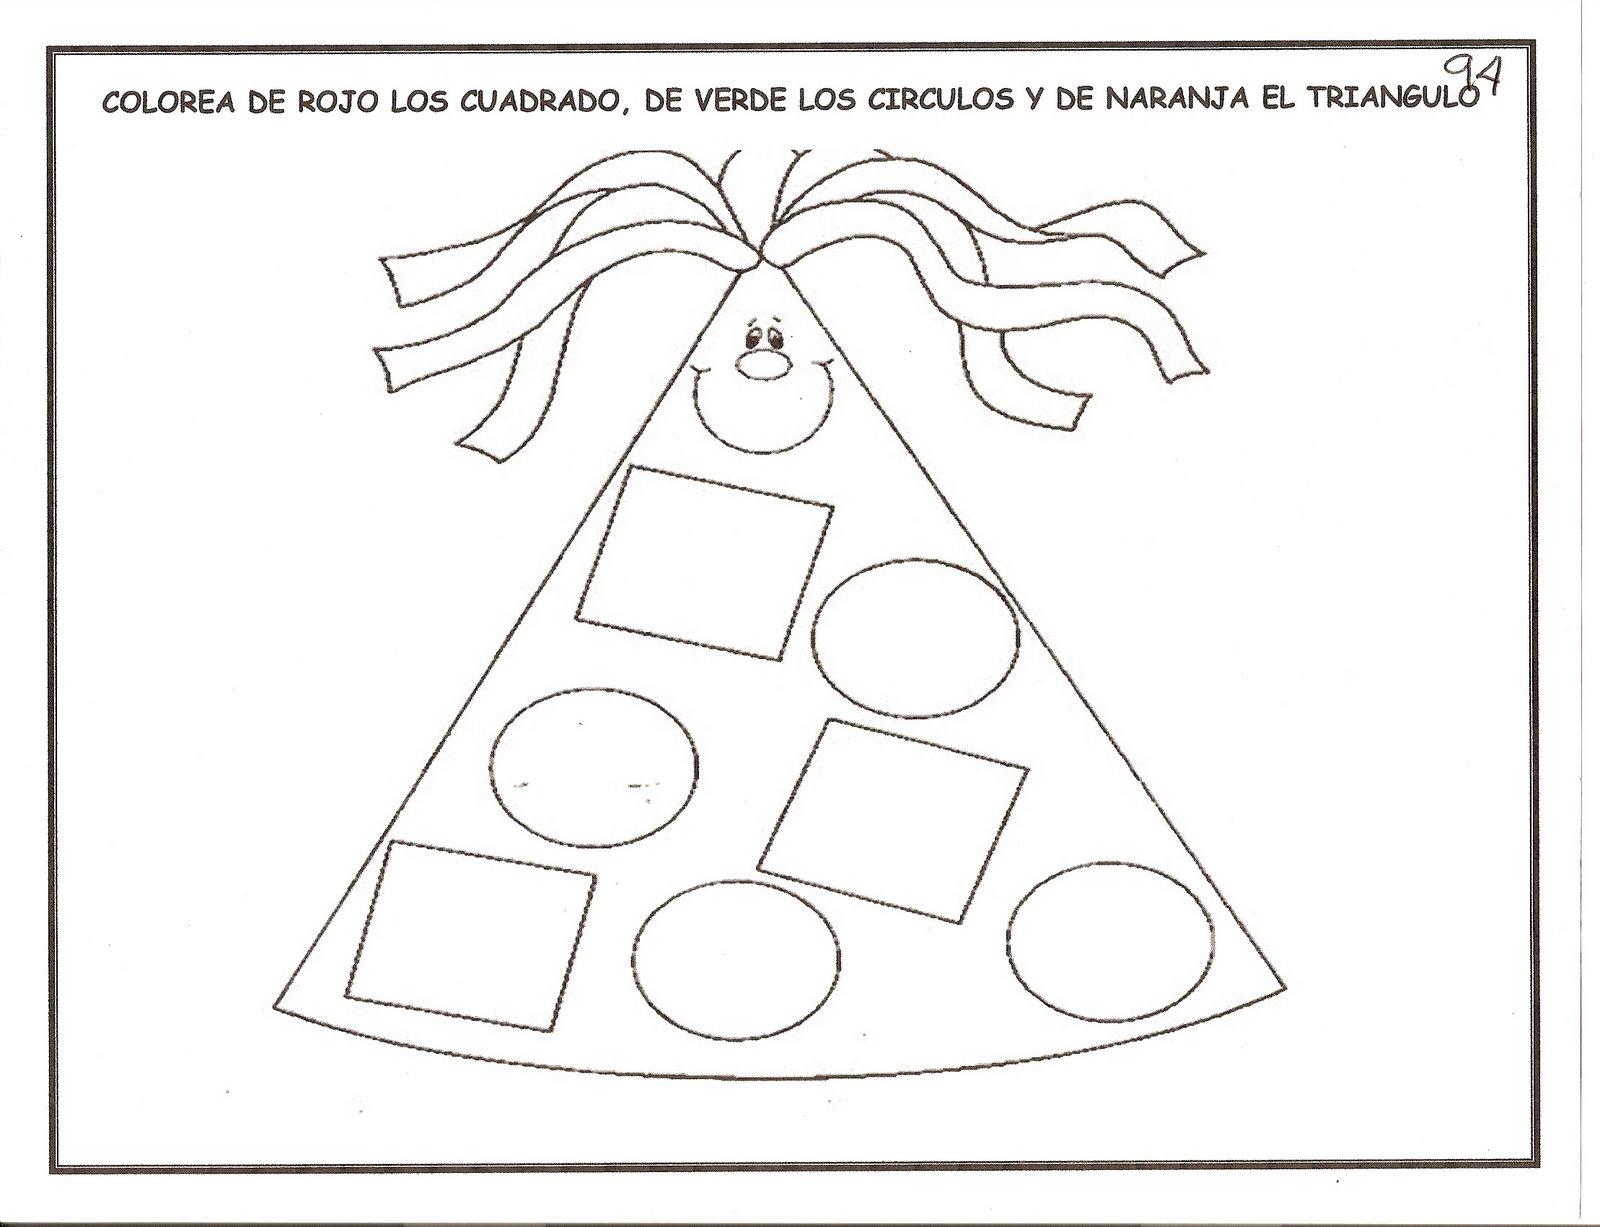 Libreta De Dibujo Con Dibujos Infant: Fichas Para Niños De 3-6 Años. Educación Infantil